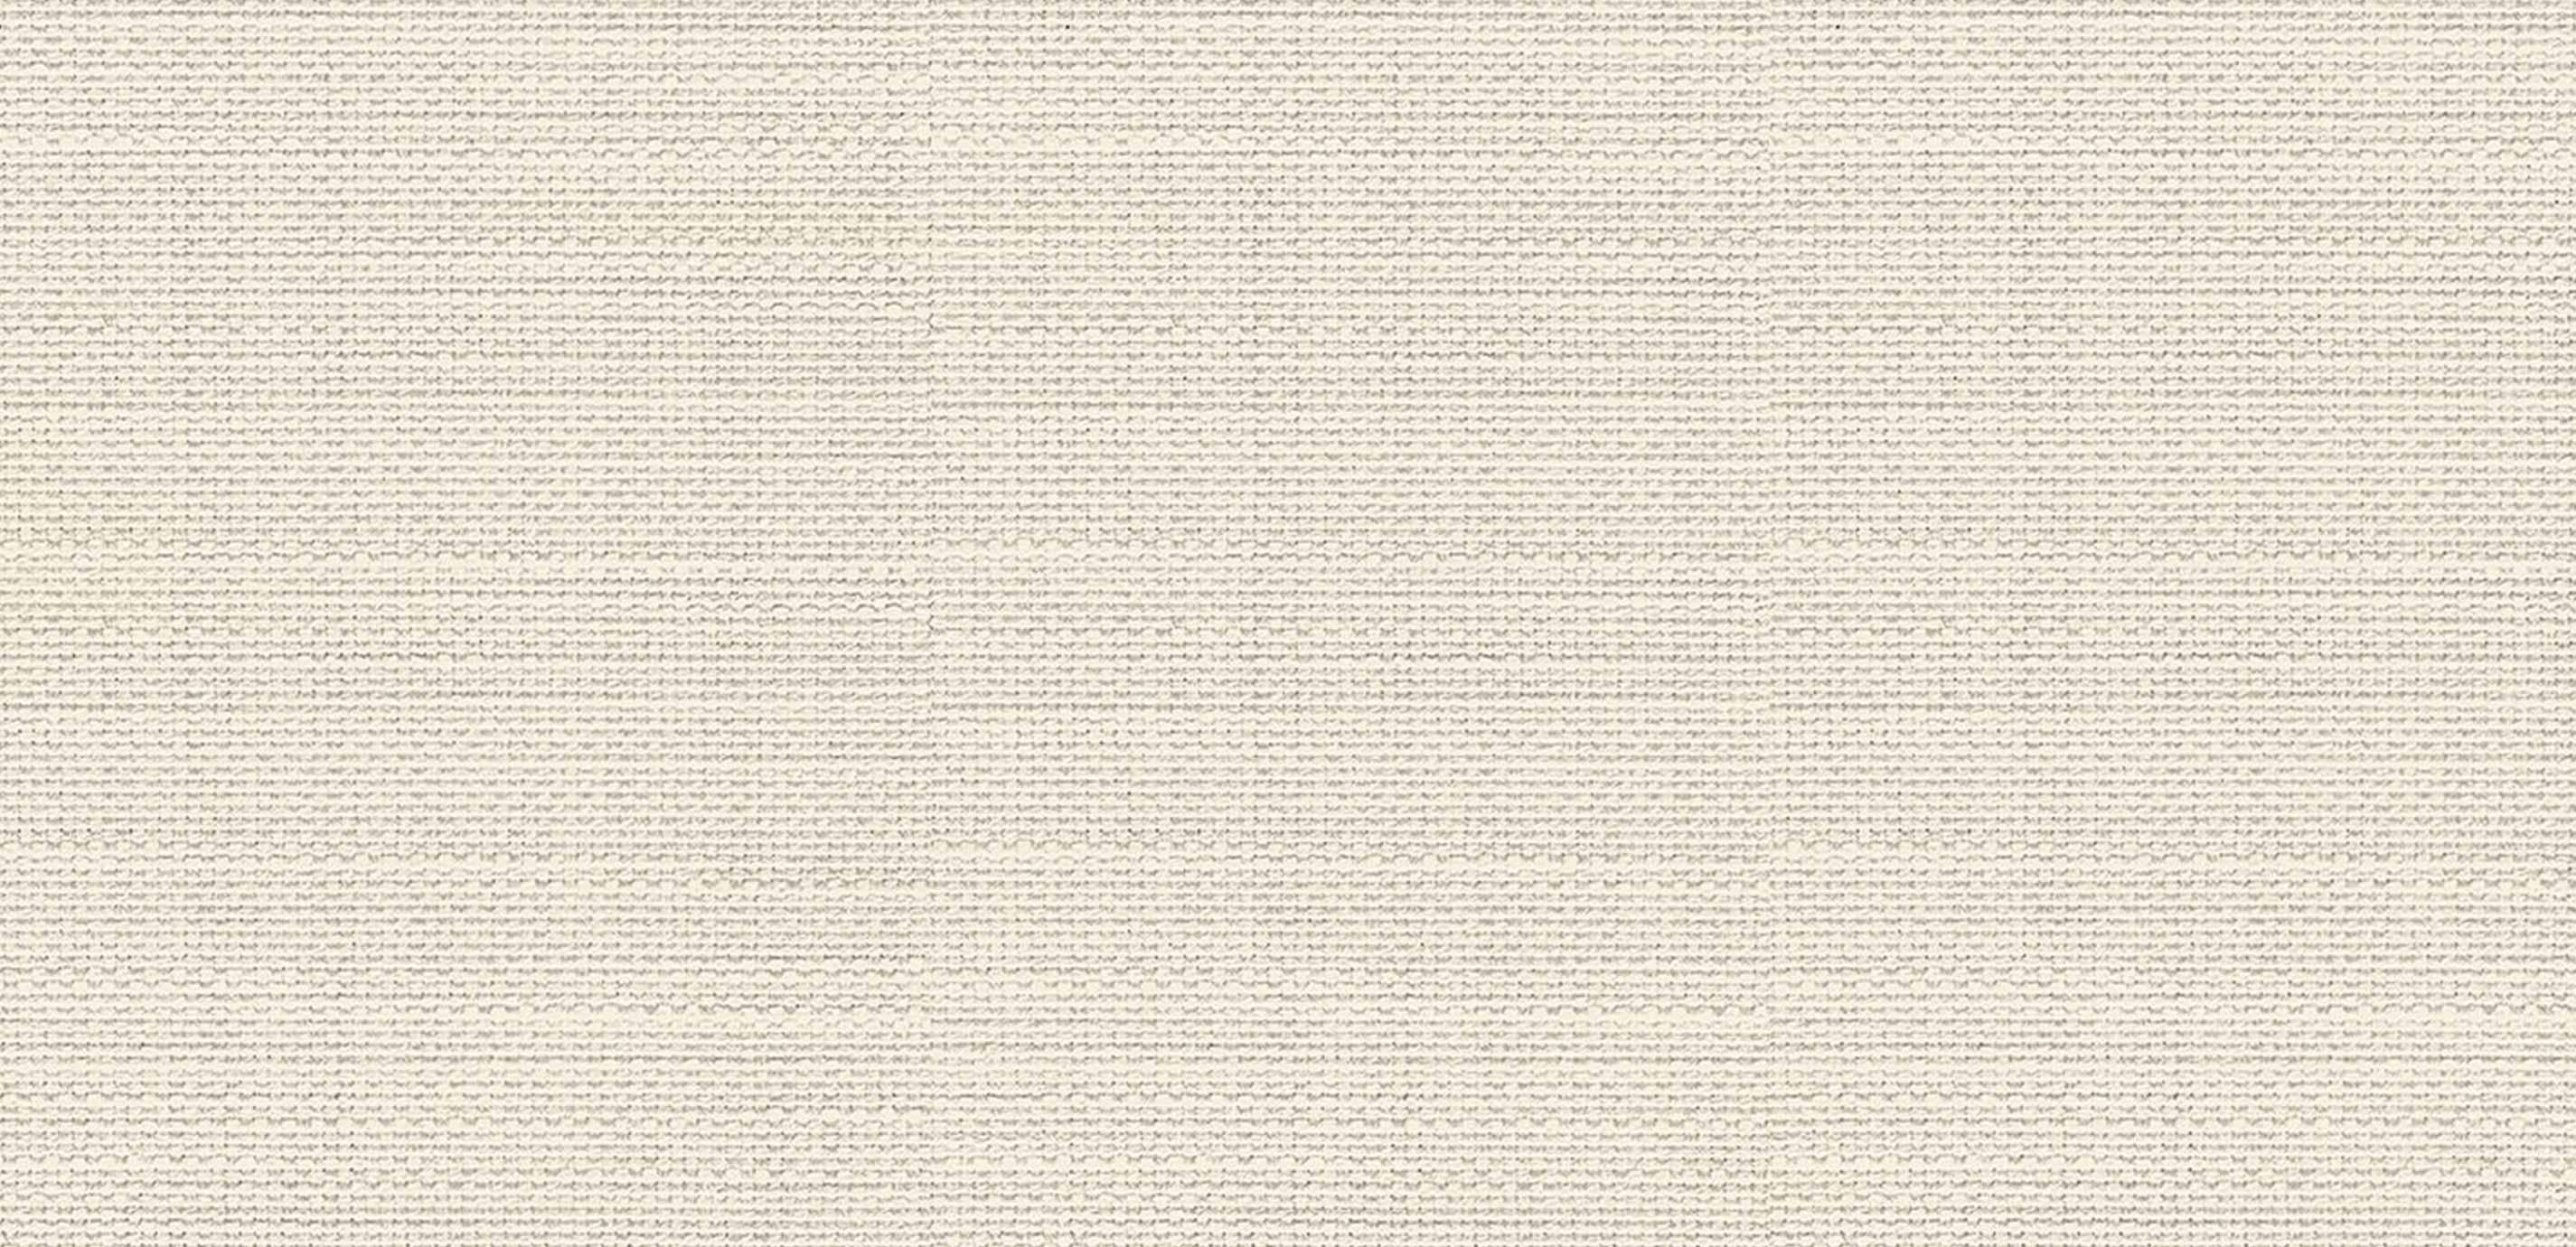 Springer White Fabric Fabrics Ethan Allen